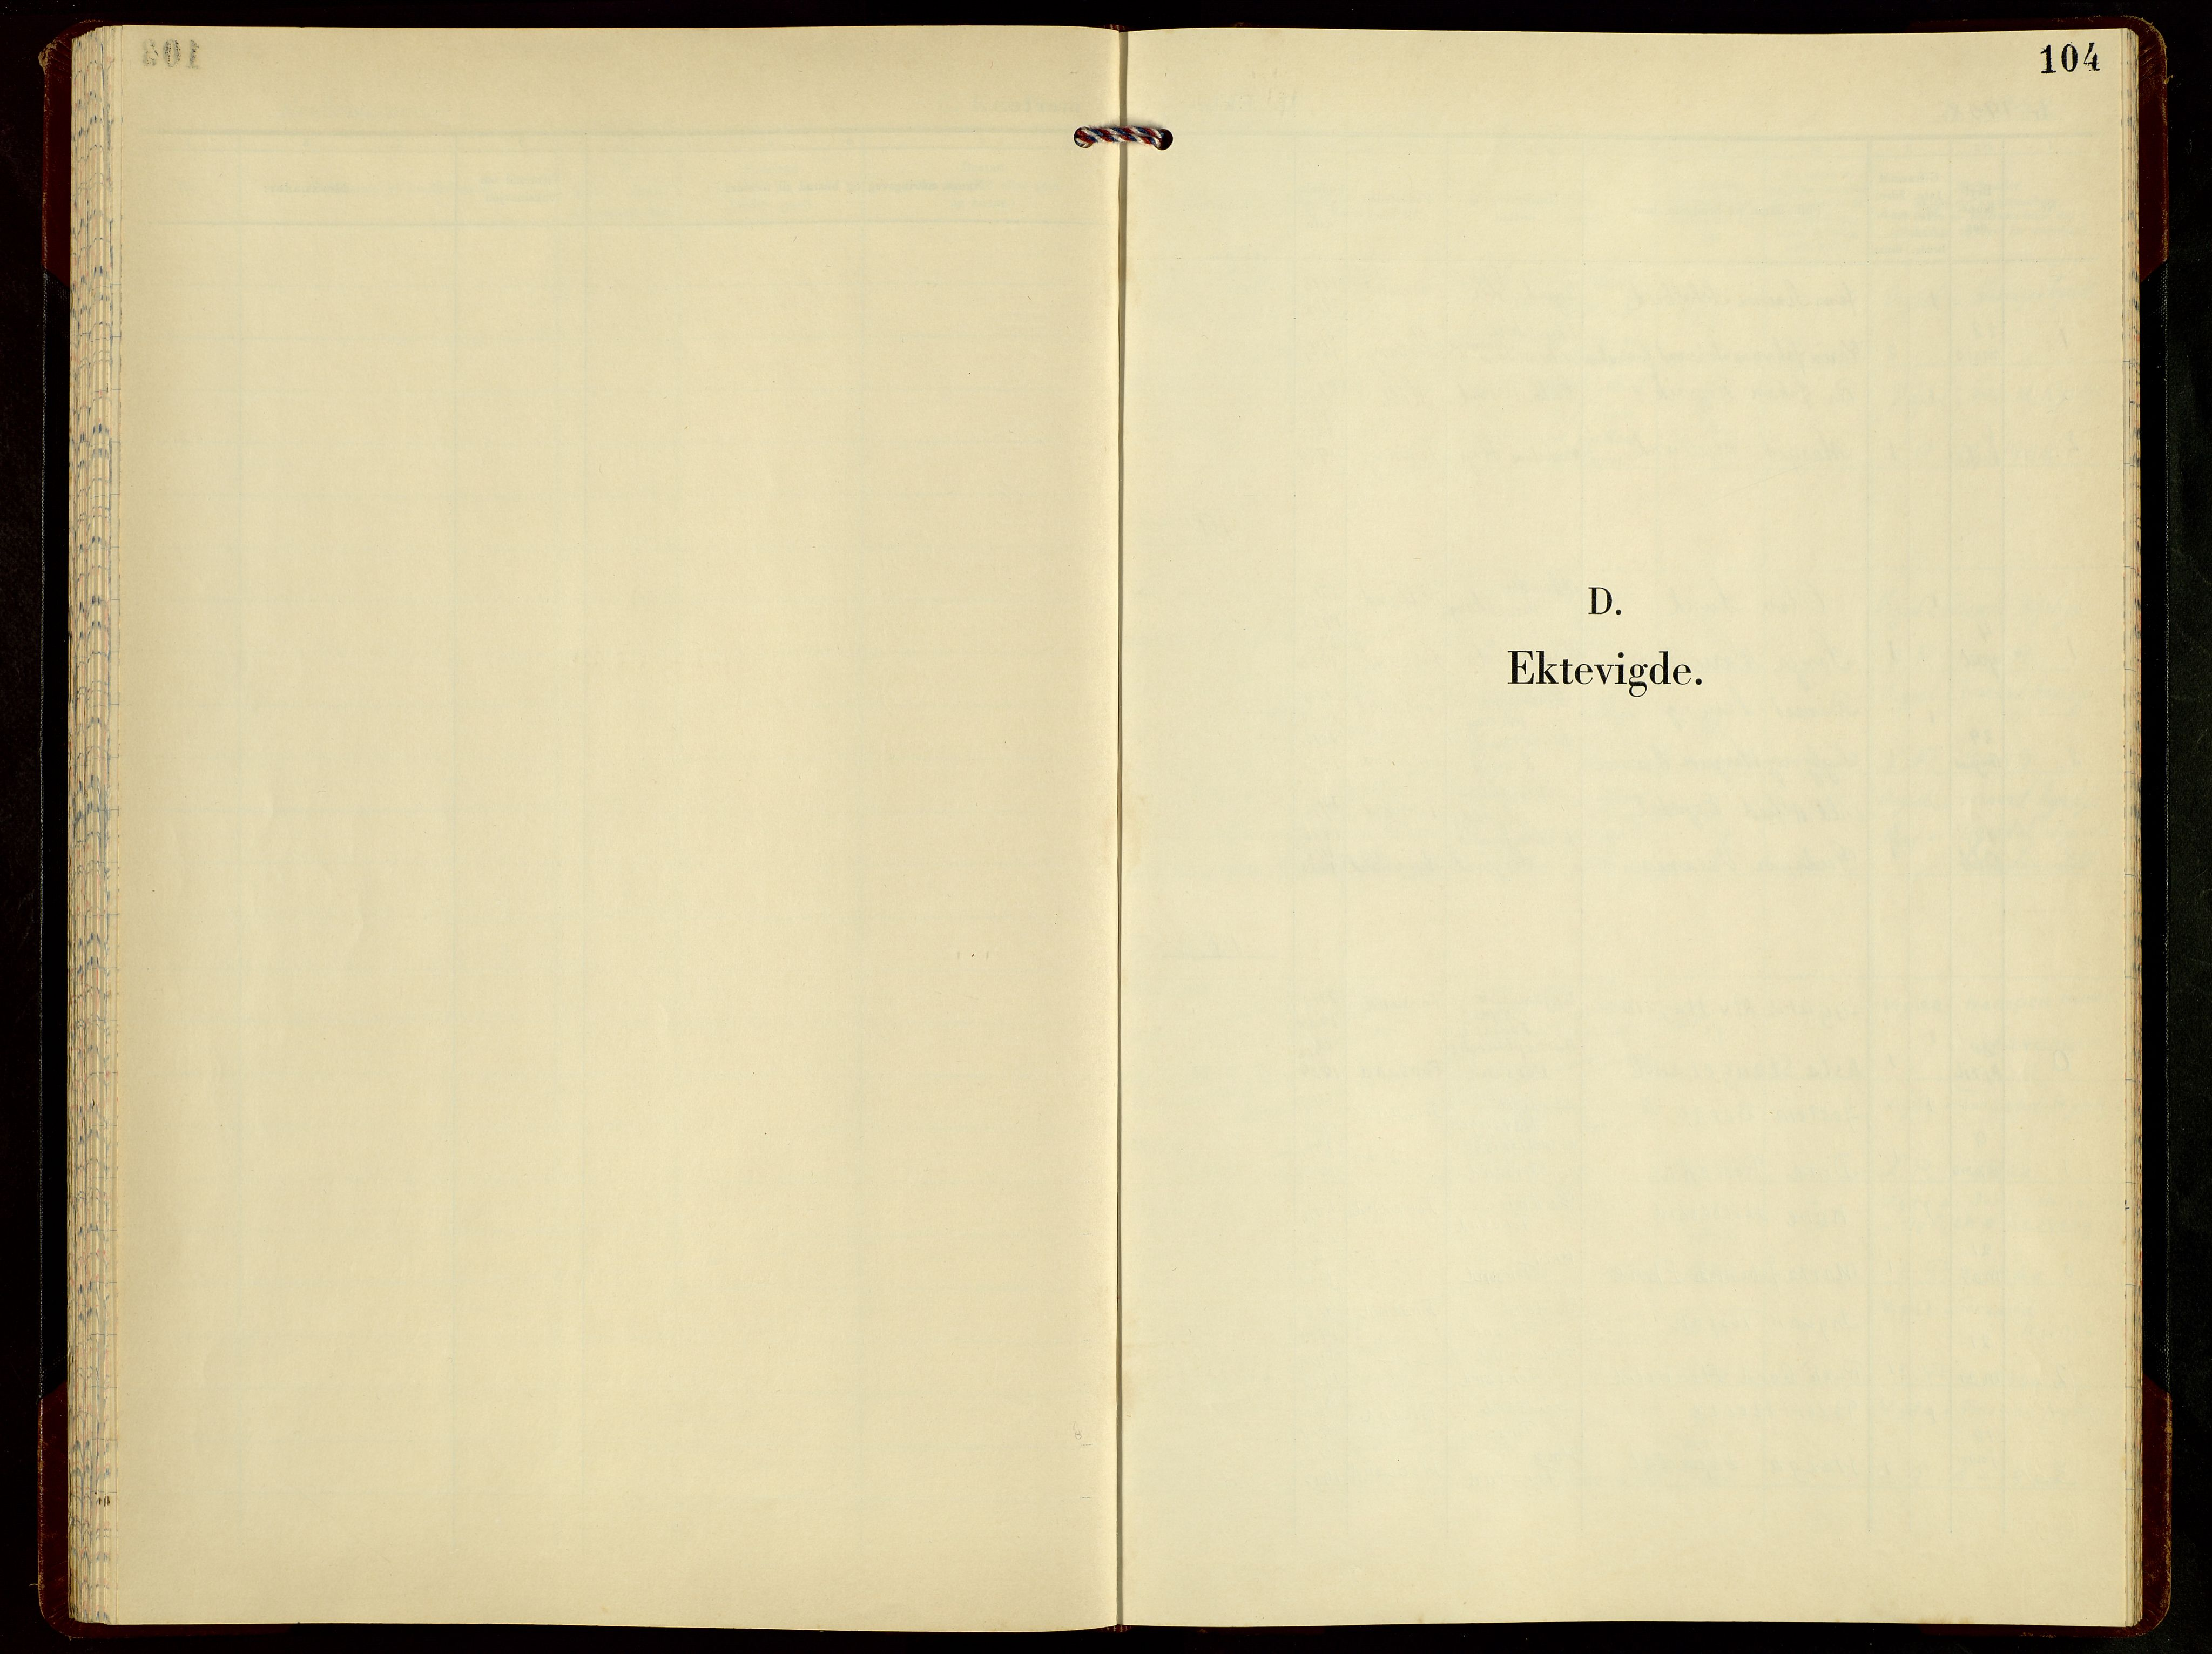 SAST, Høgsfjord sokneprestkontor, H/Ha/Hab/L0007: Klokkerbok nr. B 7, 1958-1977, s. 104